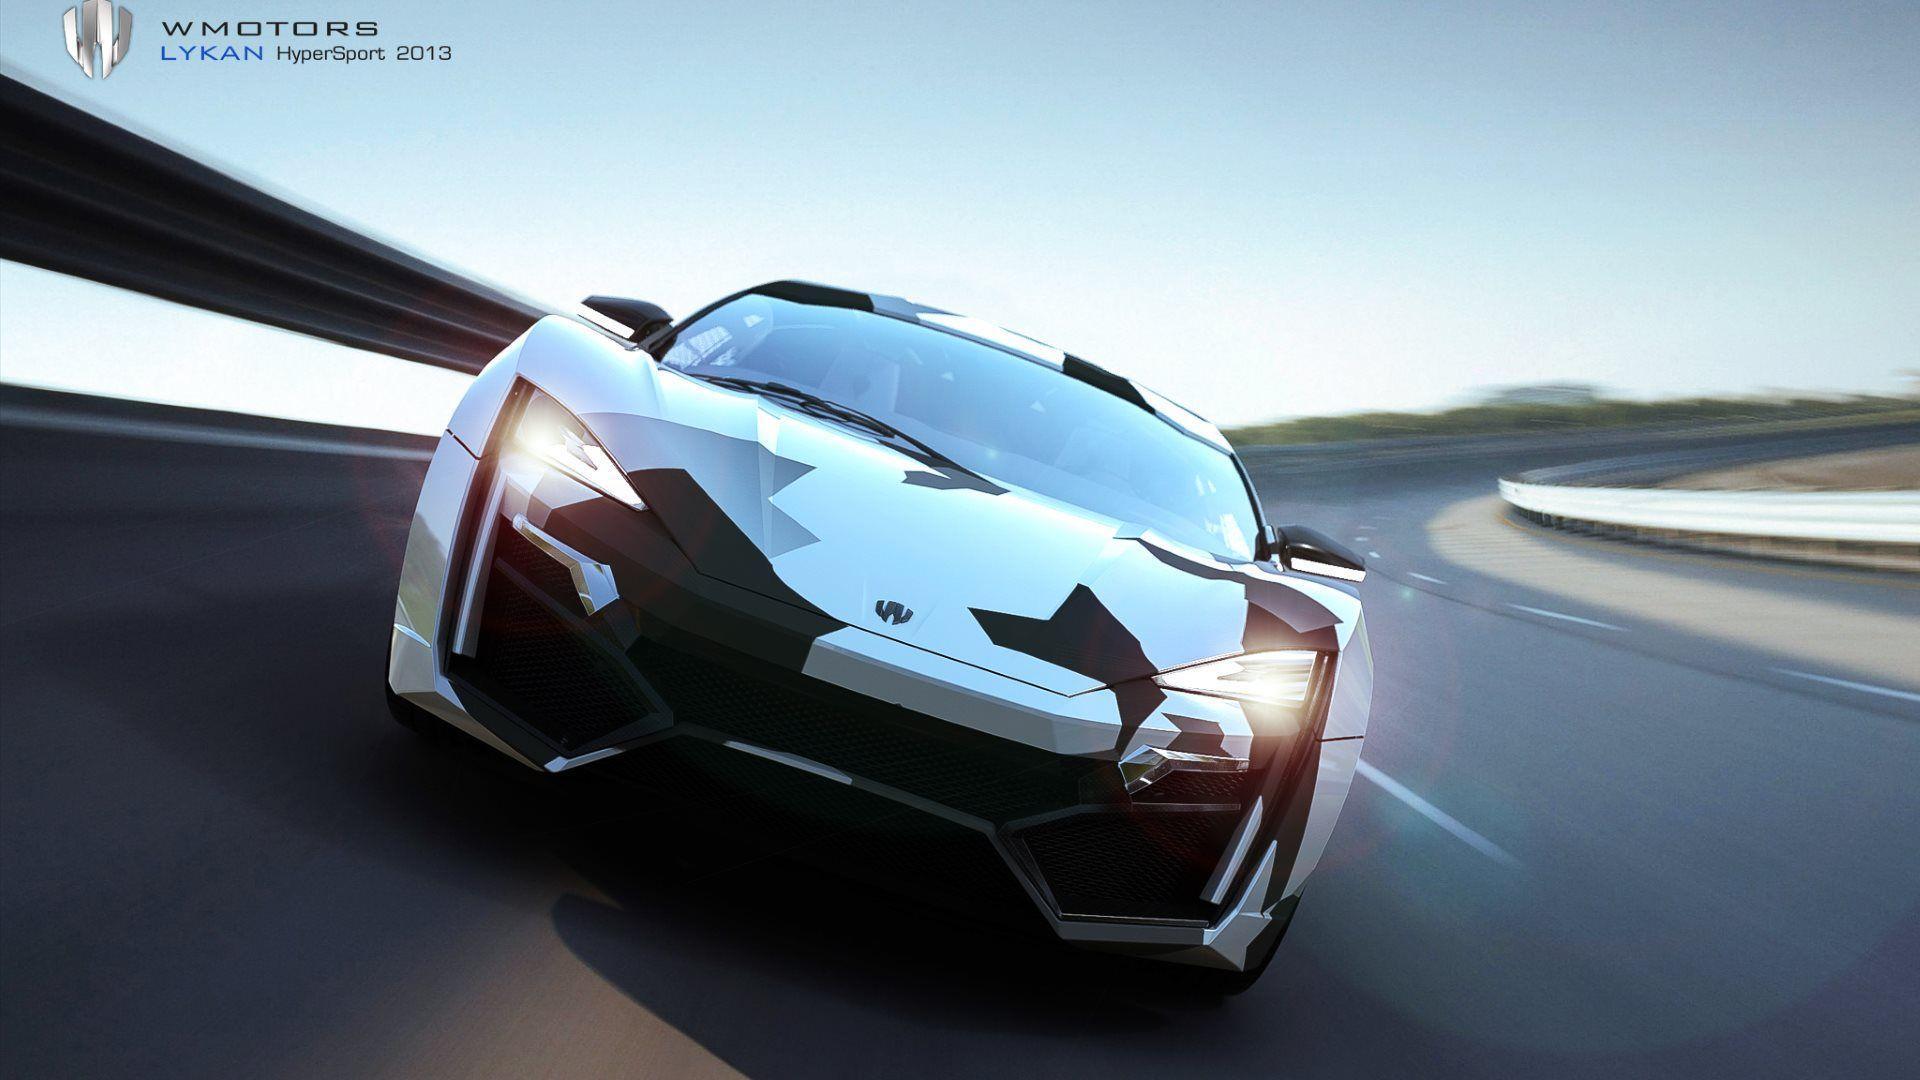 71 Gambar Mobil Lykan High Sport Terbaru